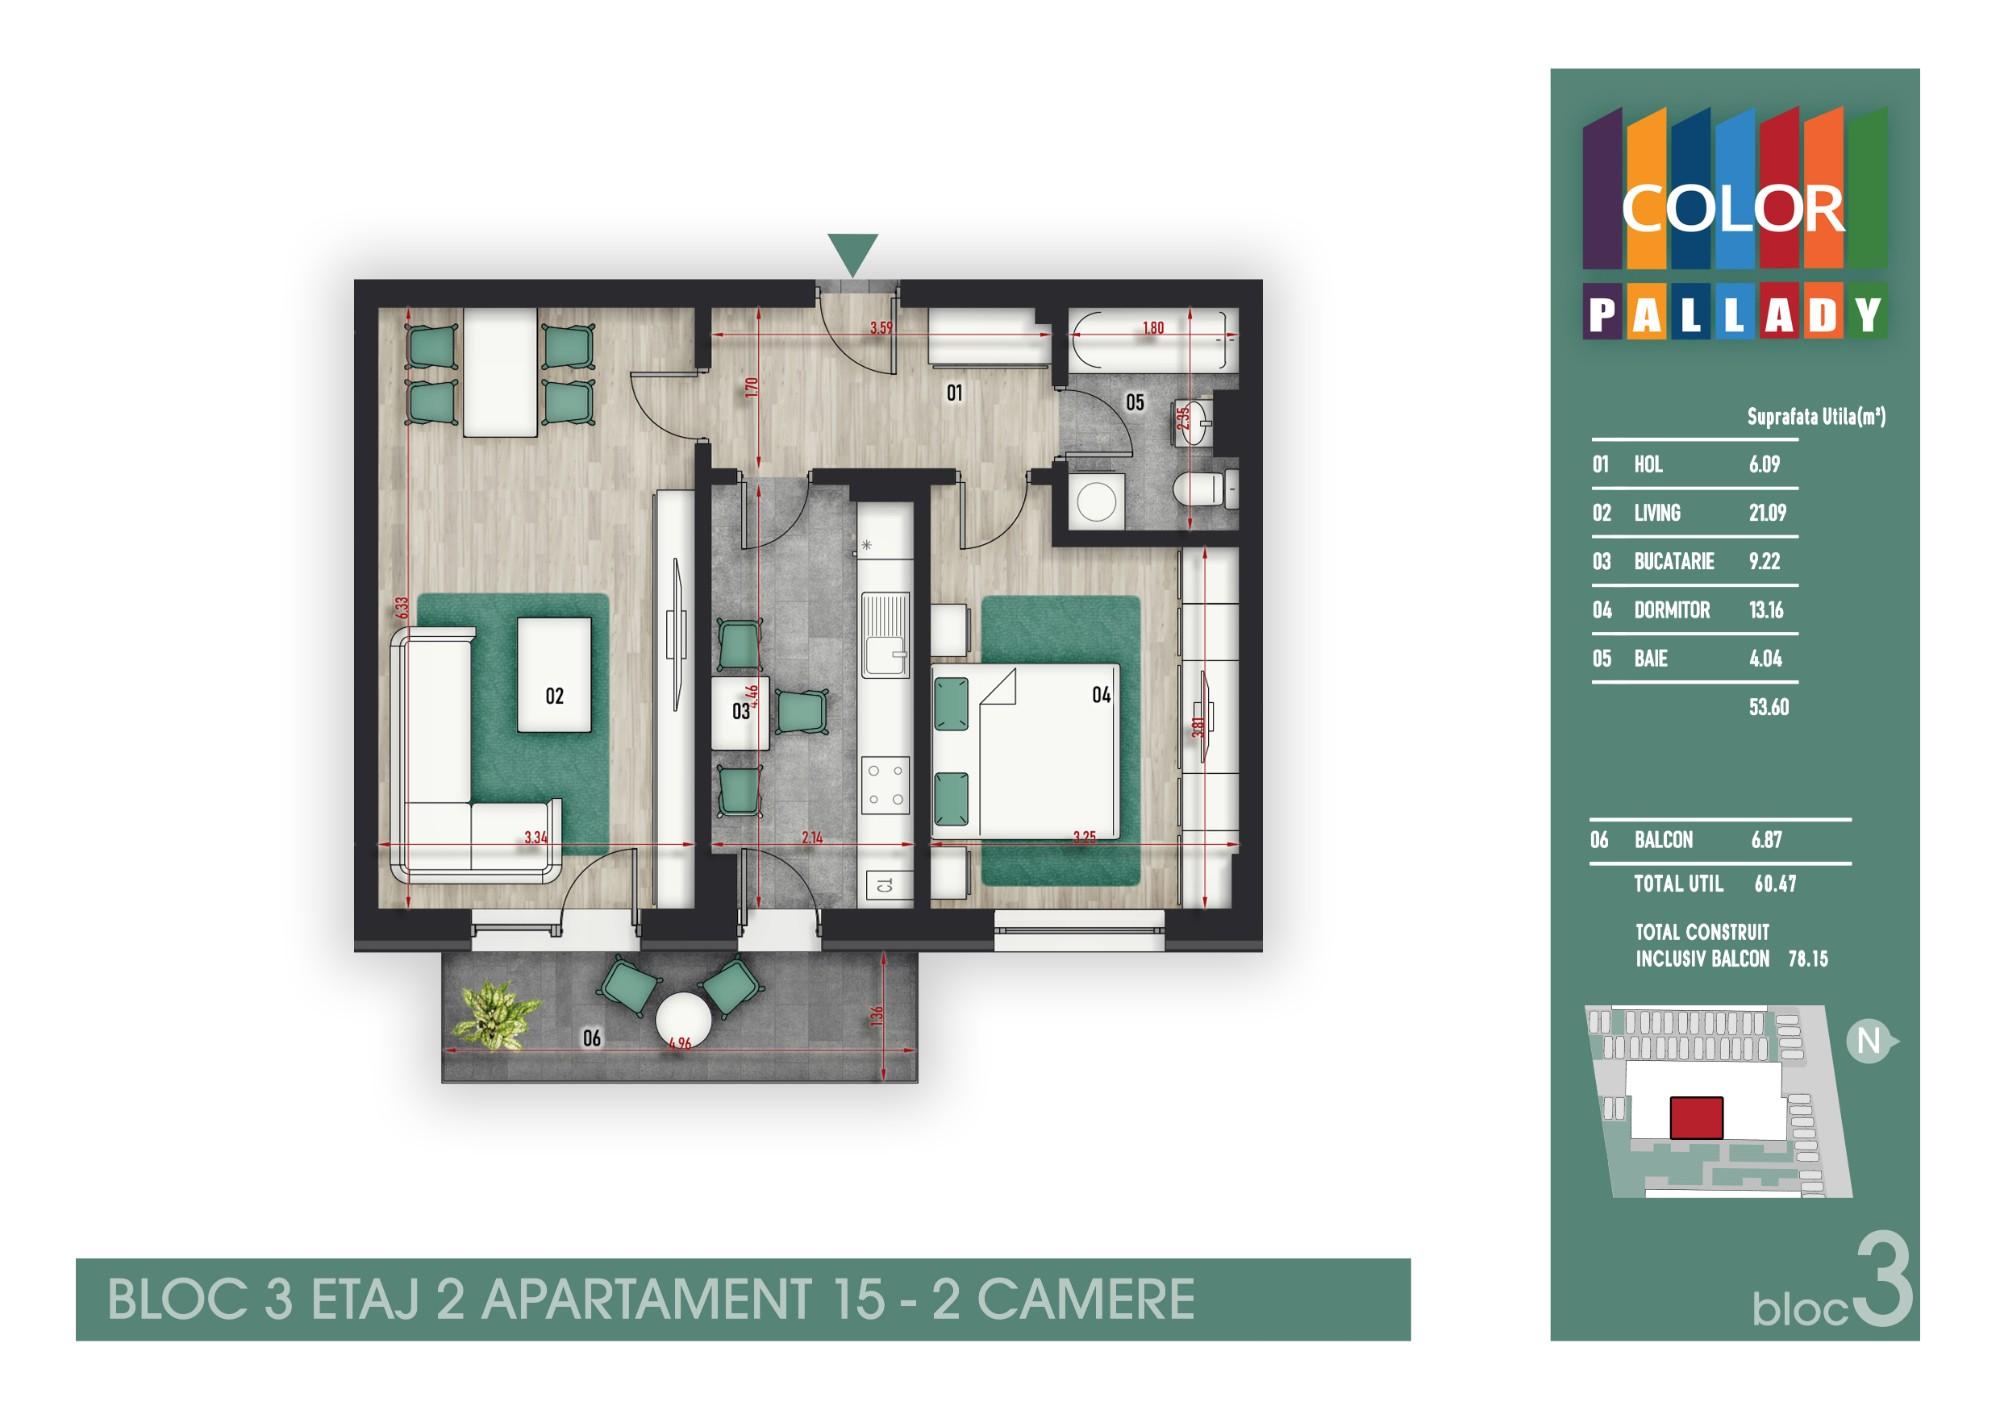 Bloc 3 - Etaj 2 - Apartament 15